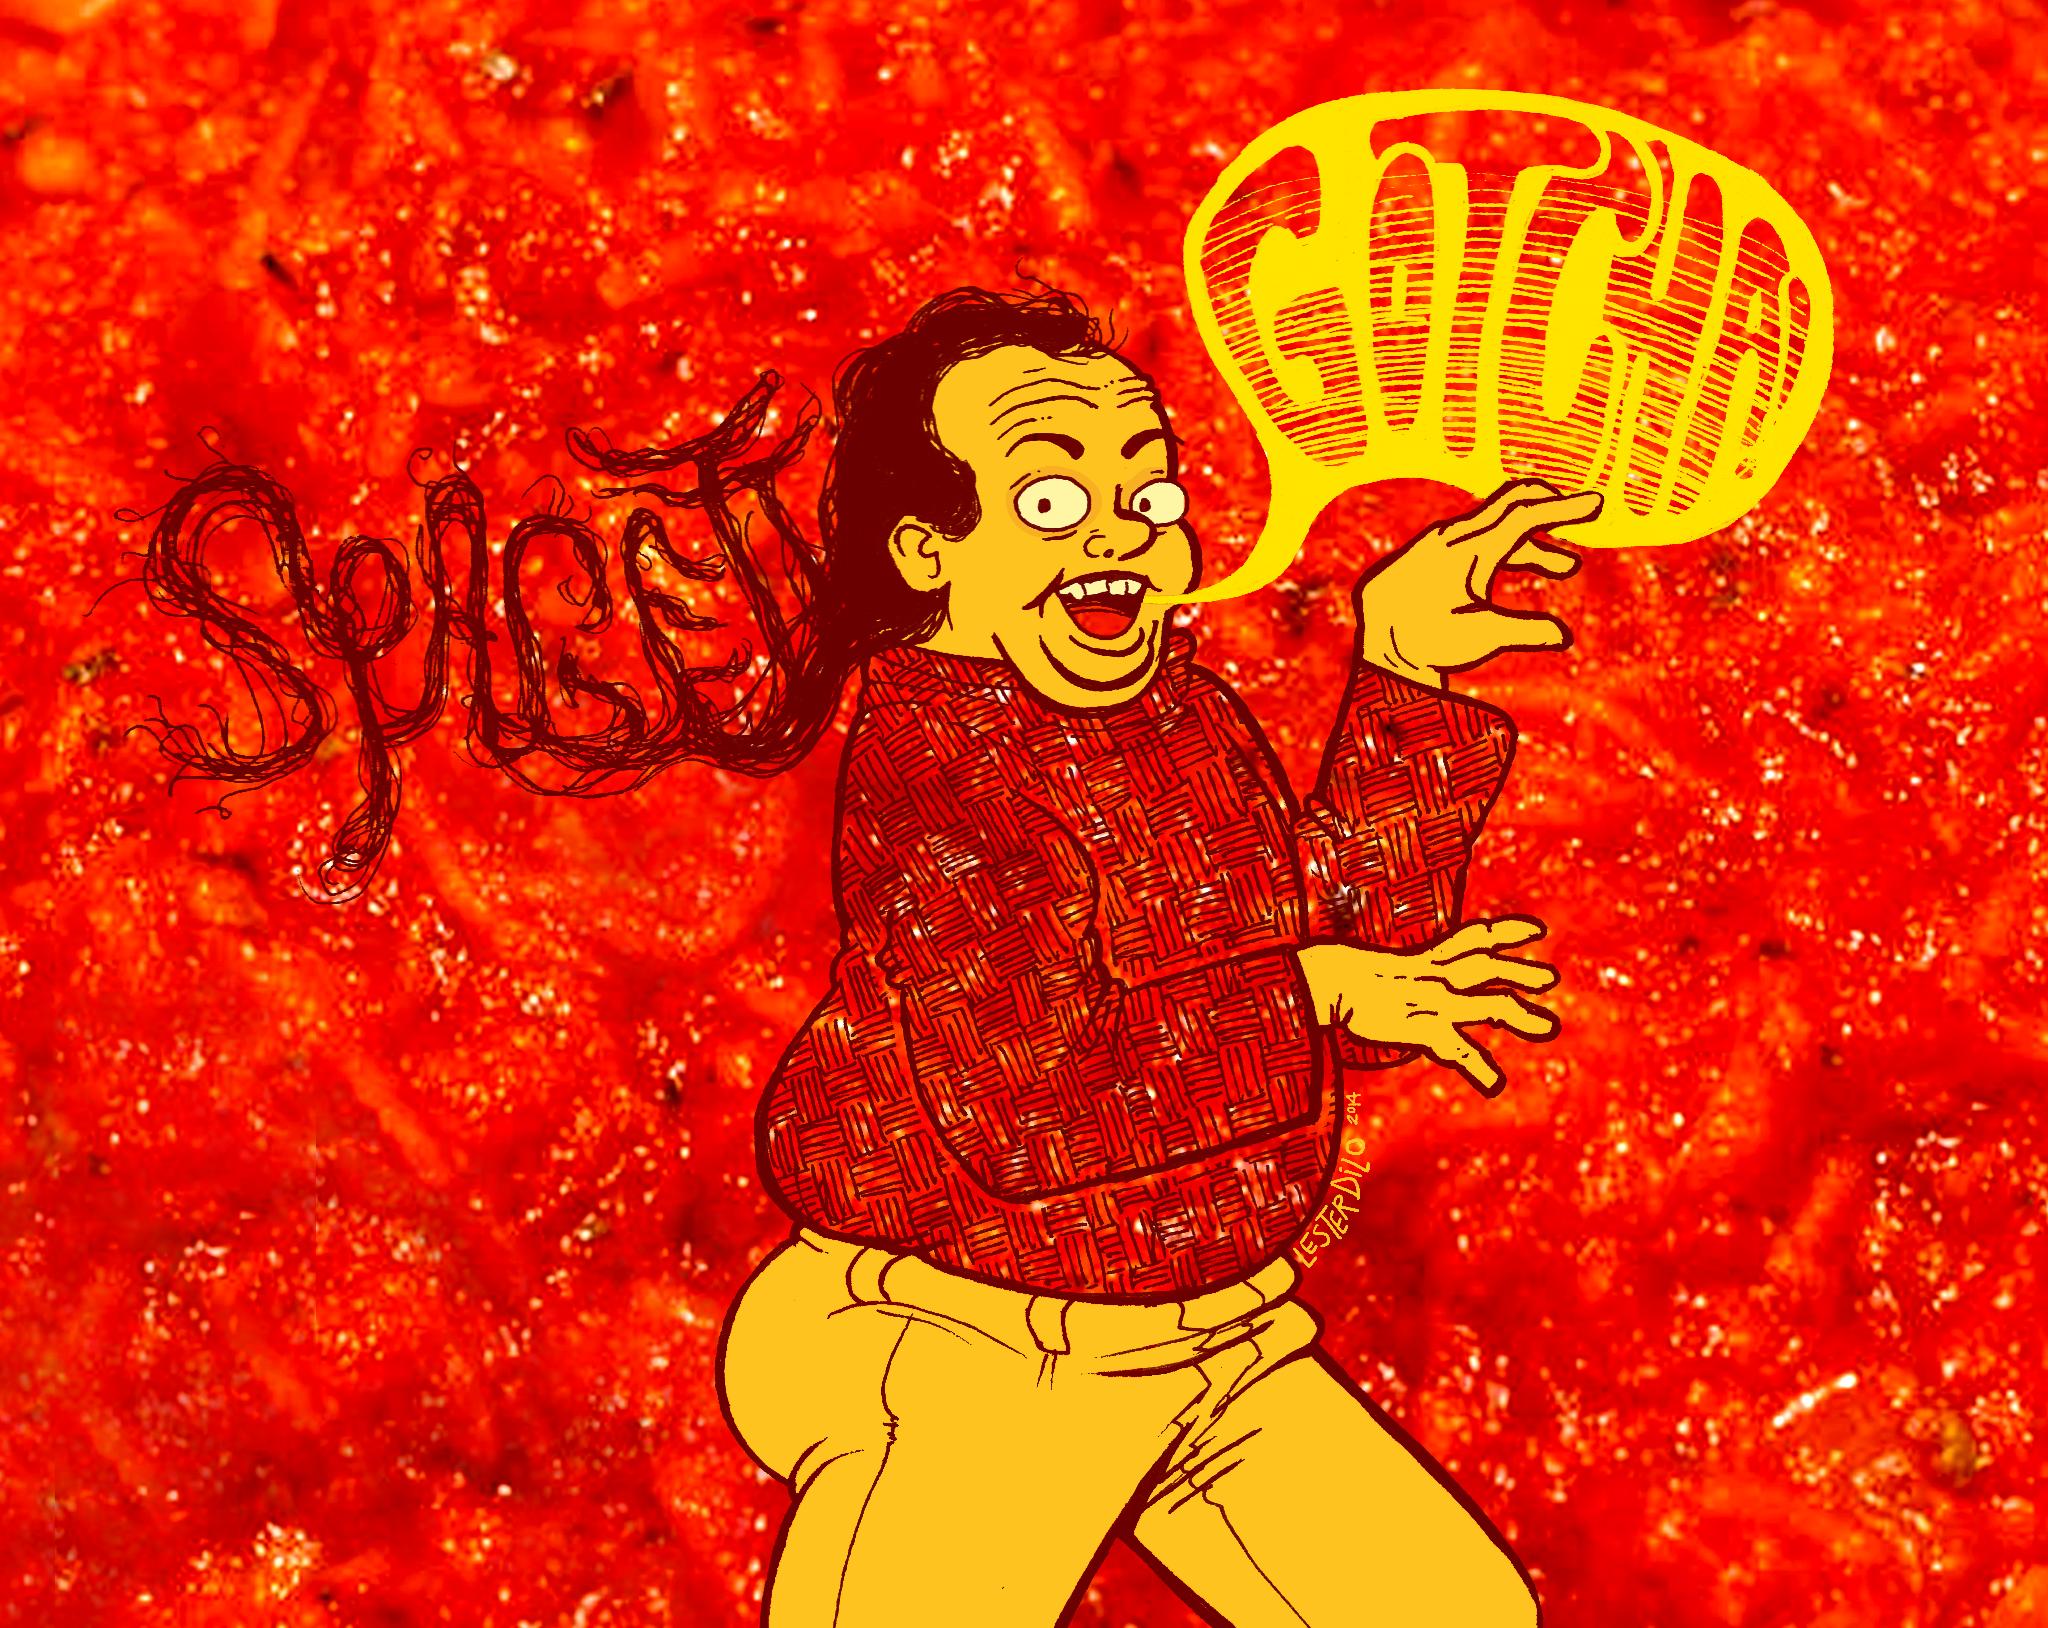 spagett.png